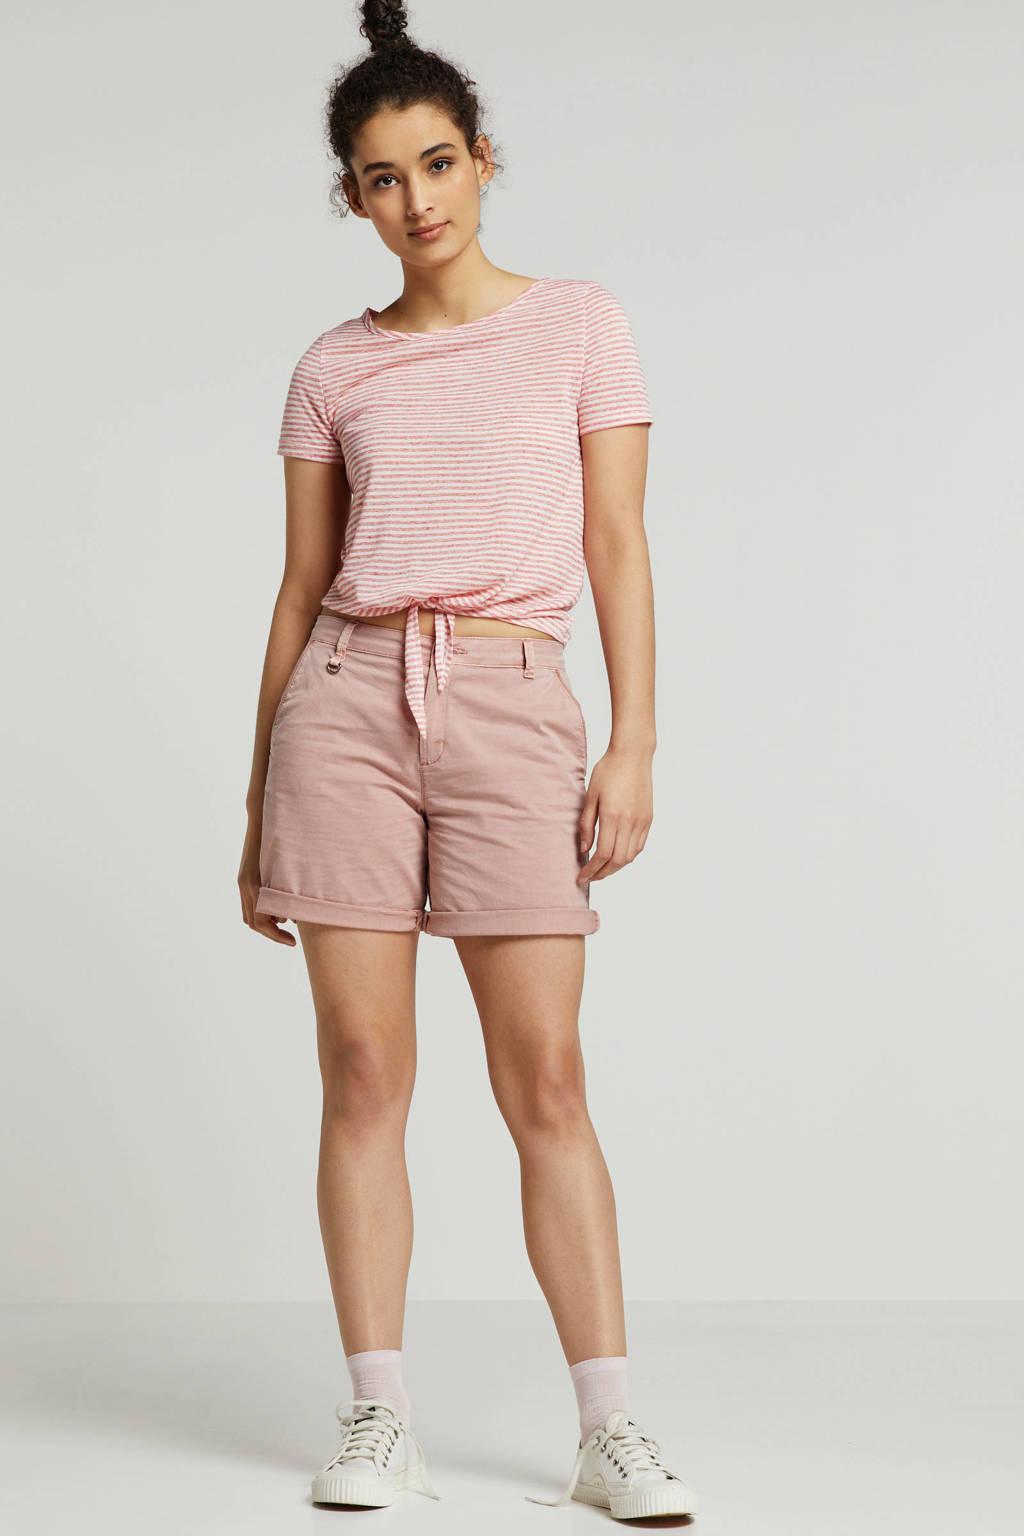 ESPRIT Women Casual korte broek met ceintuur, Roze